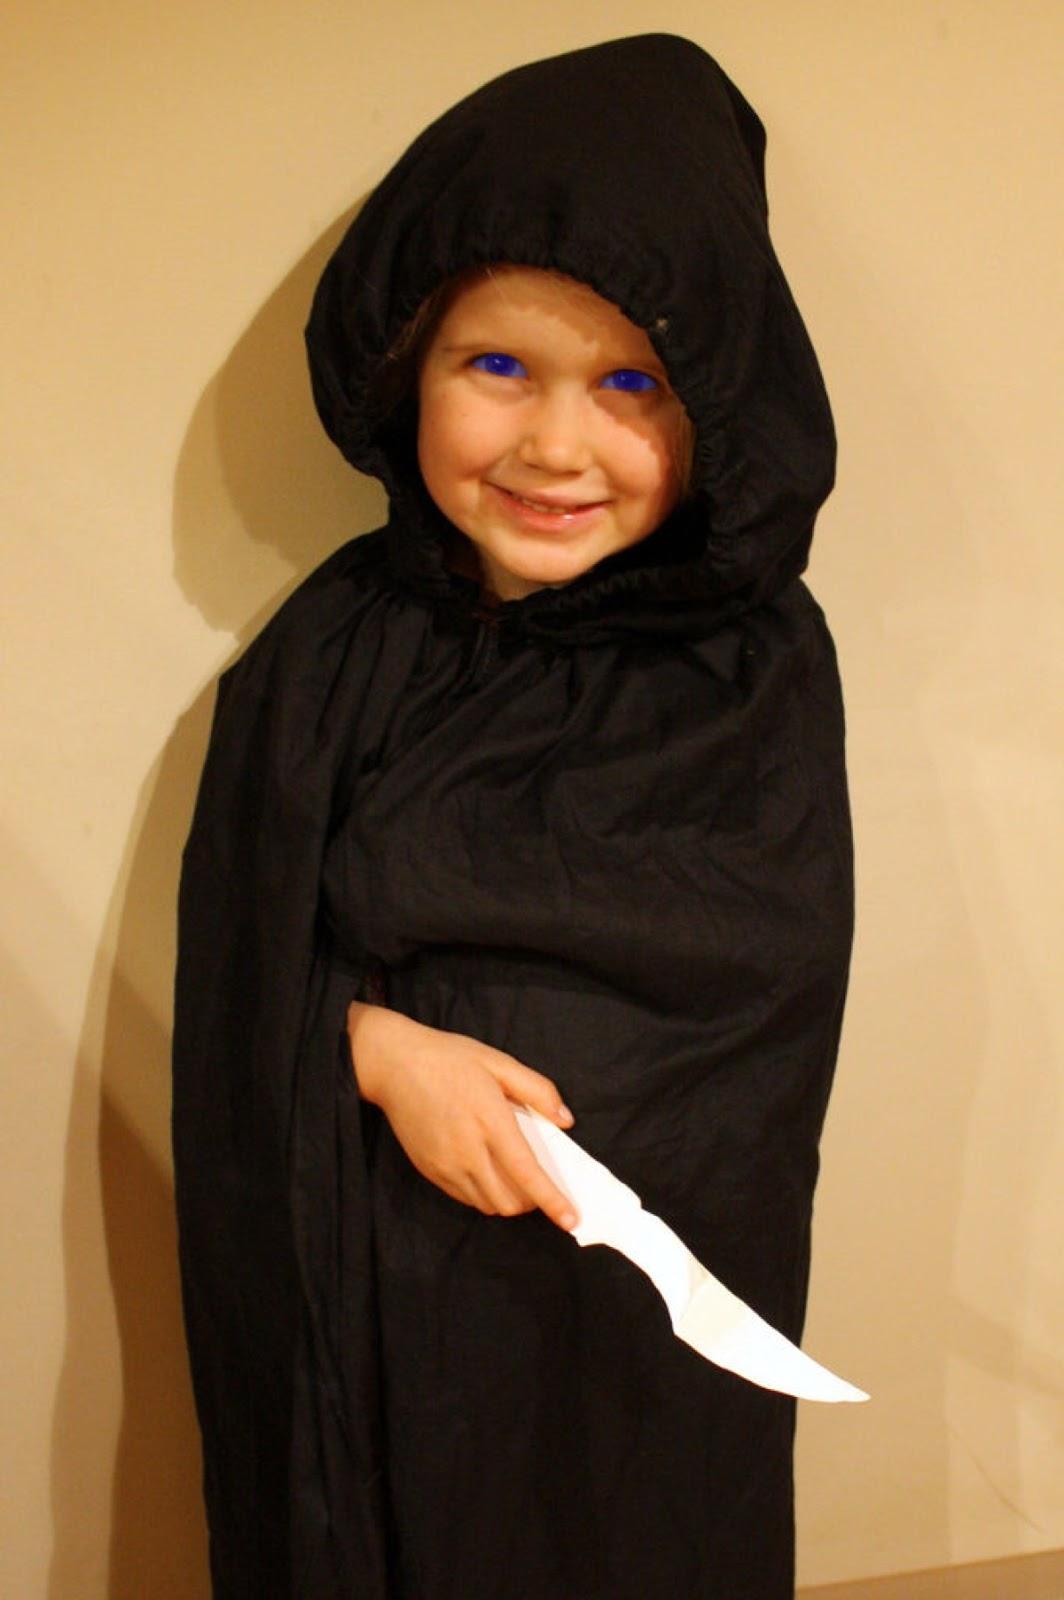 Jonathan Scott Miller Halloween In September Costume Ideas